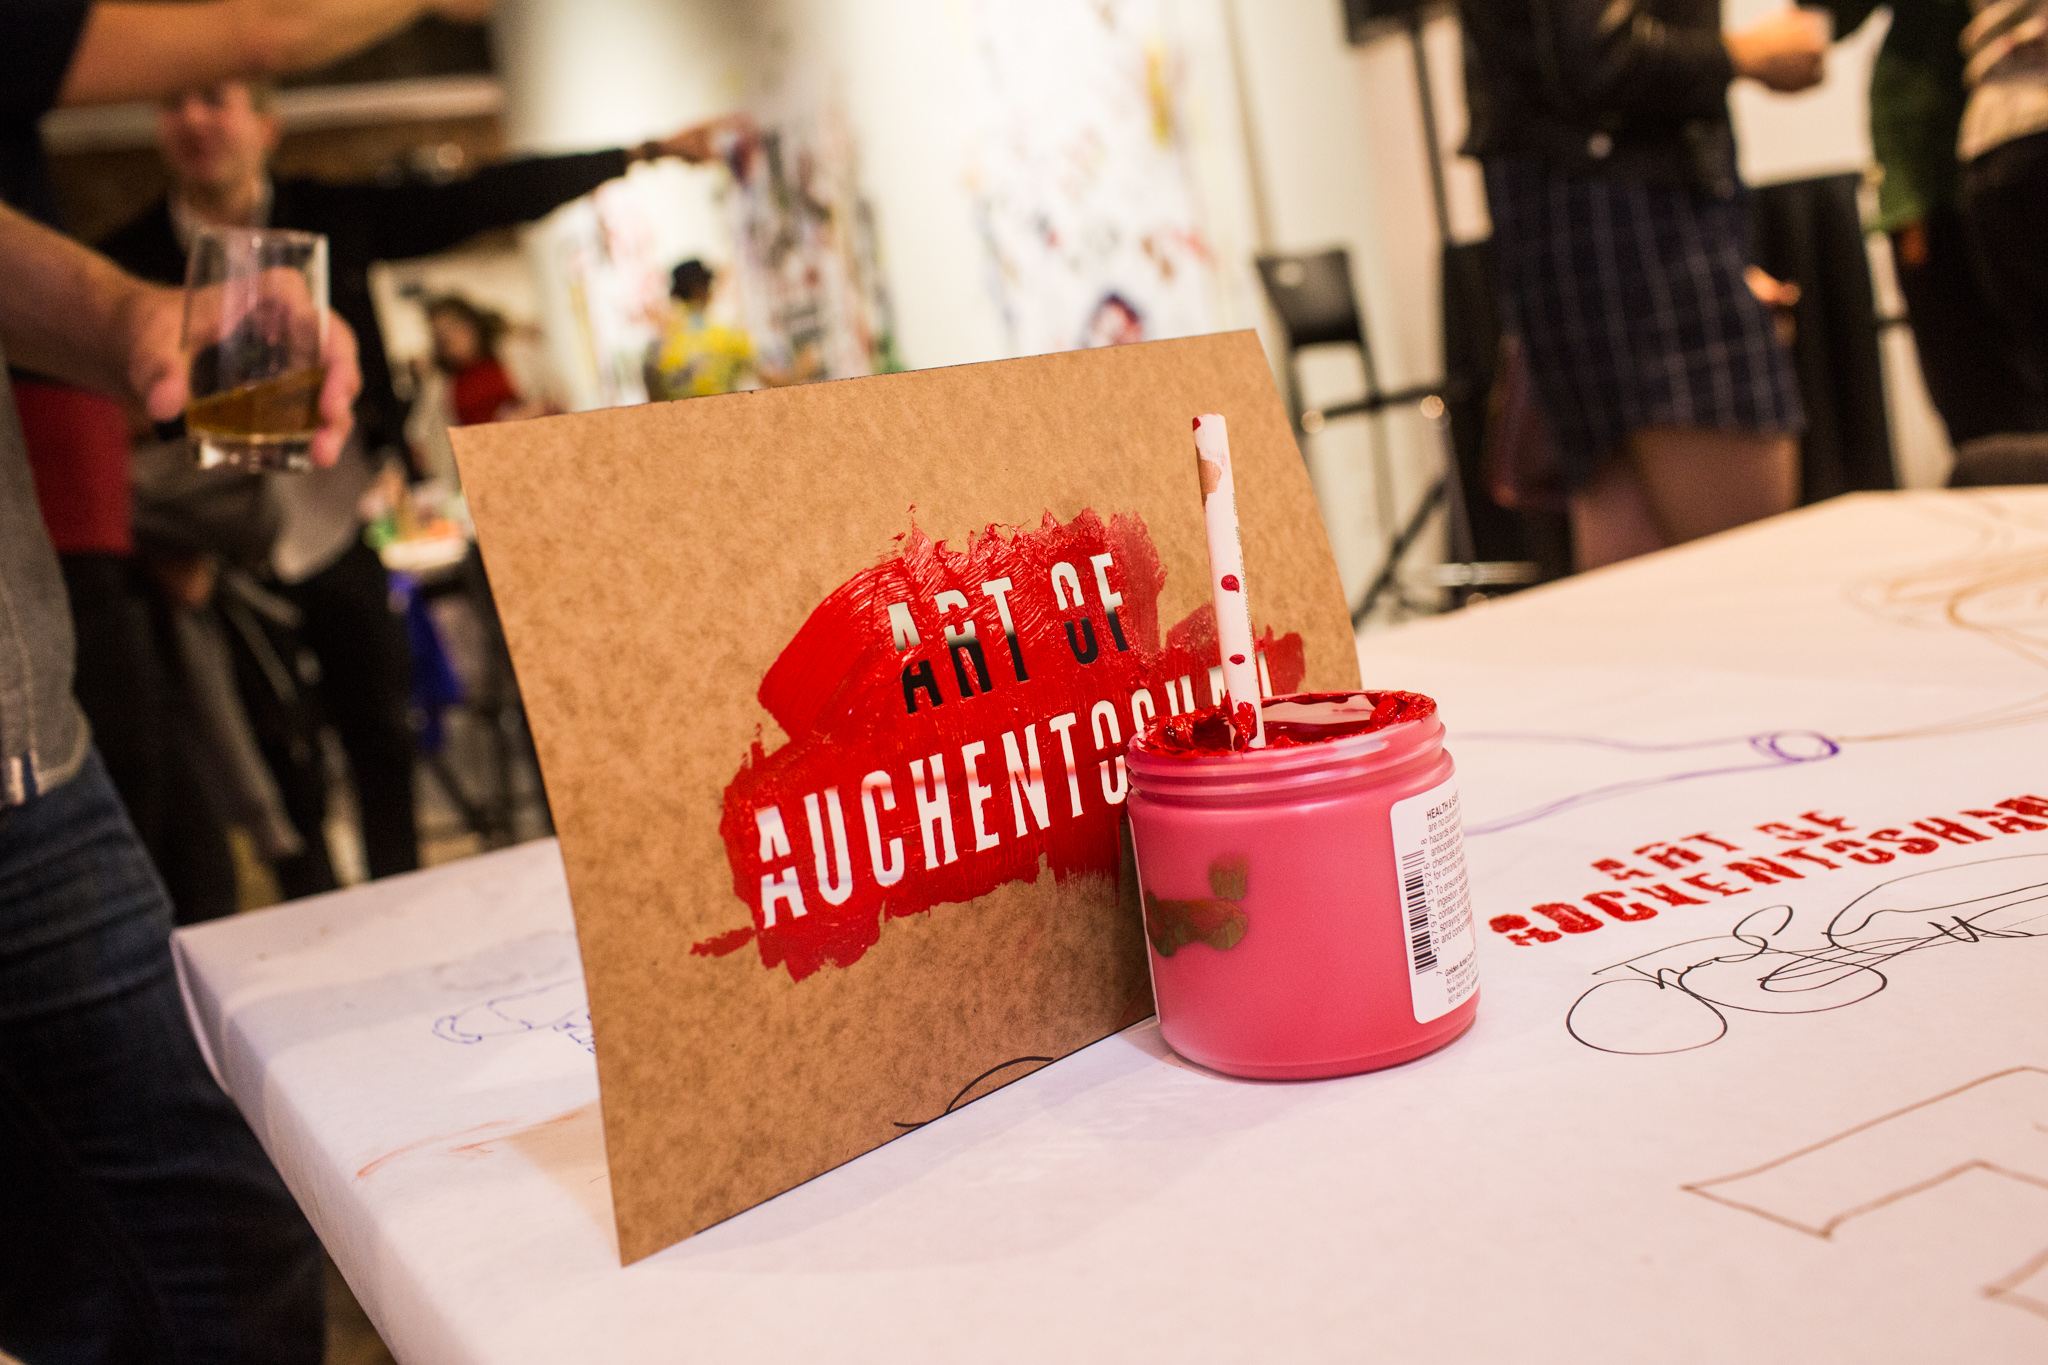 PDXCW15_Art_of_Auchentoshan_Event_Photos-064.jpg